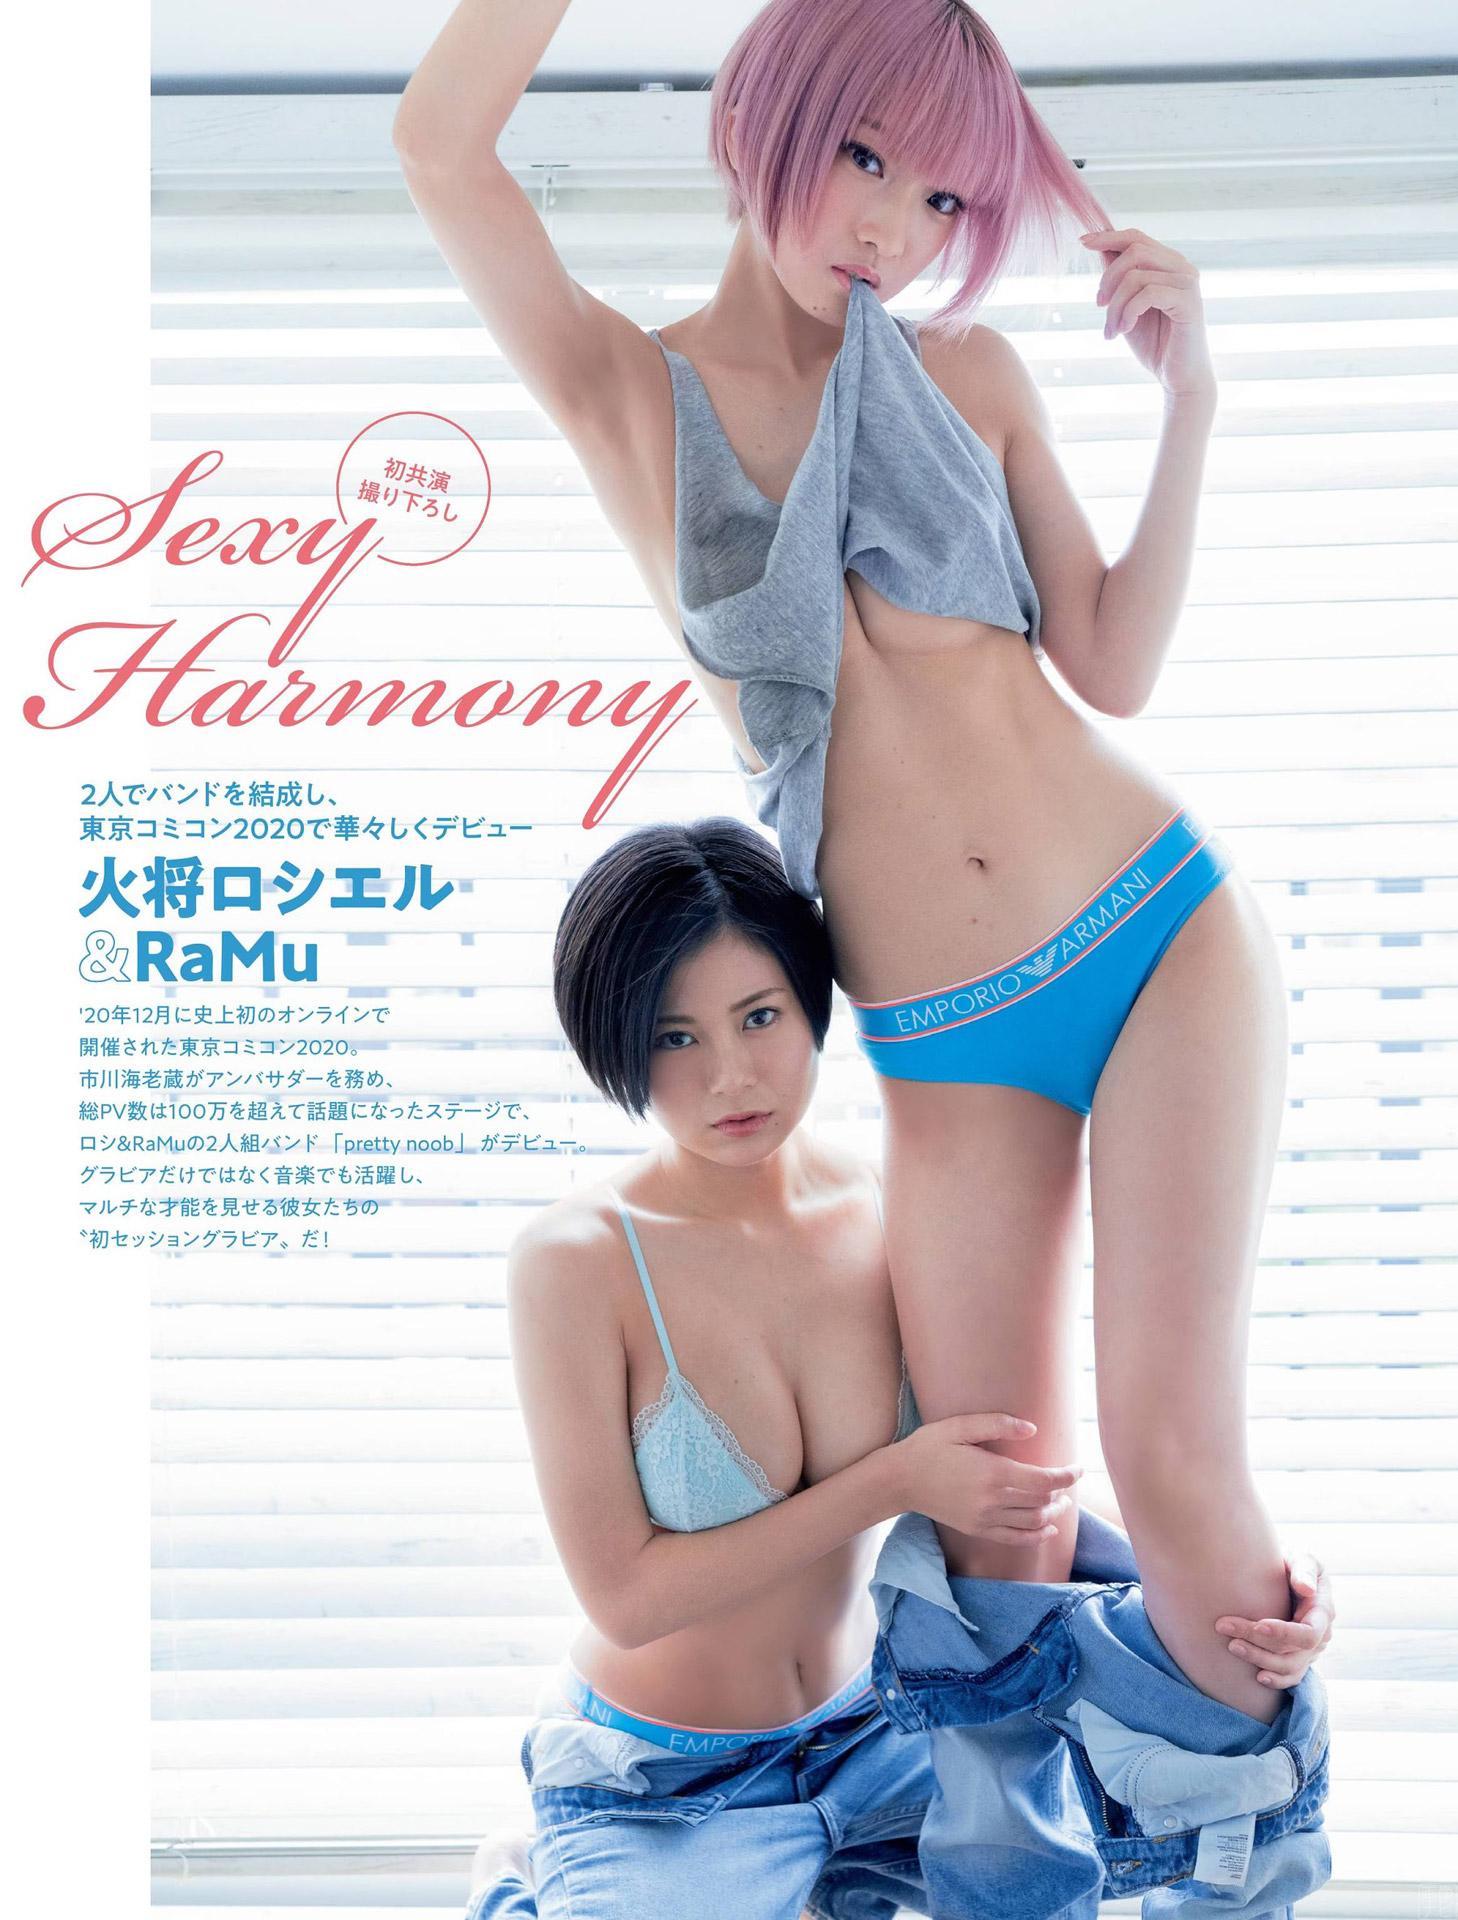 RaMu×火將ロシエル 水著で神コラボ - 亞洲美女 -